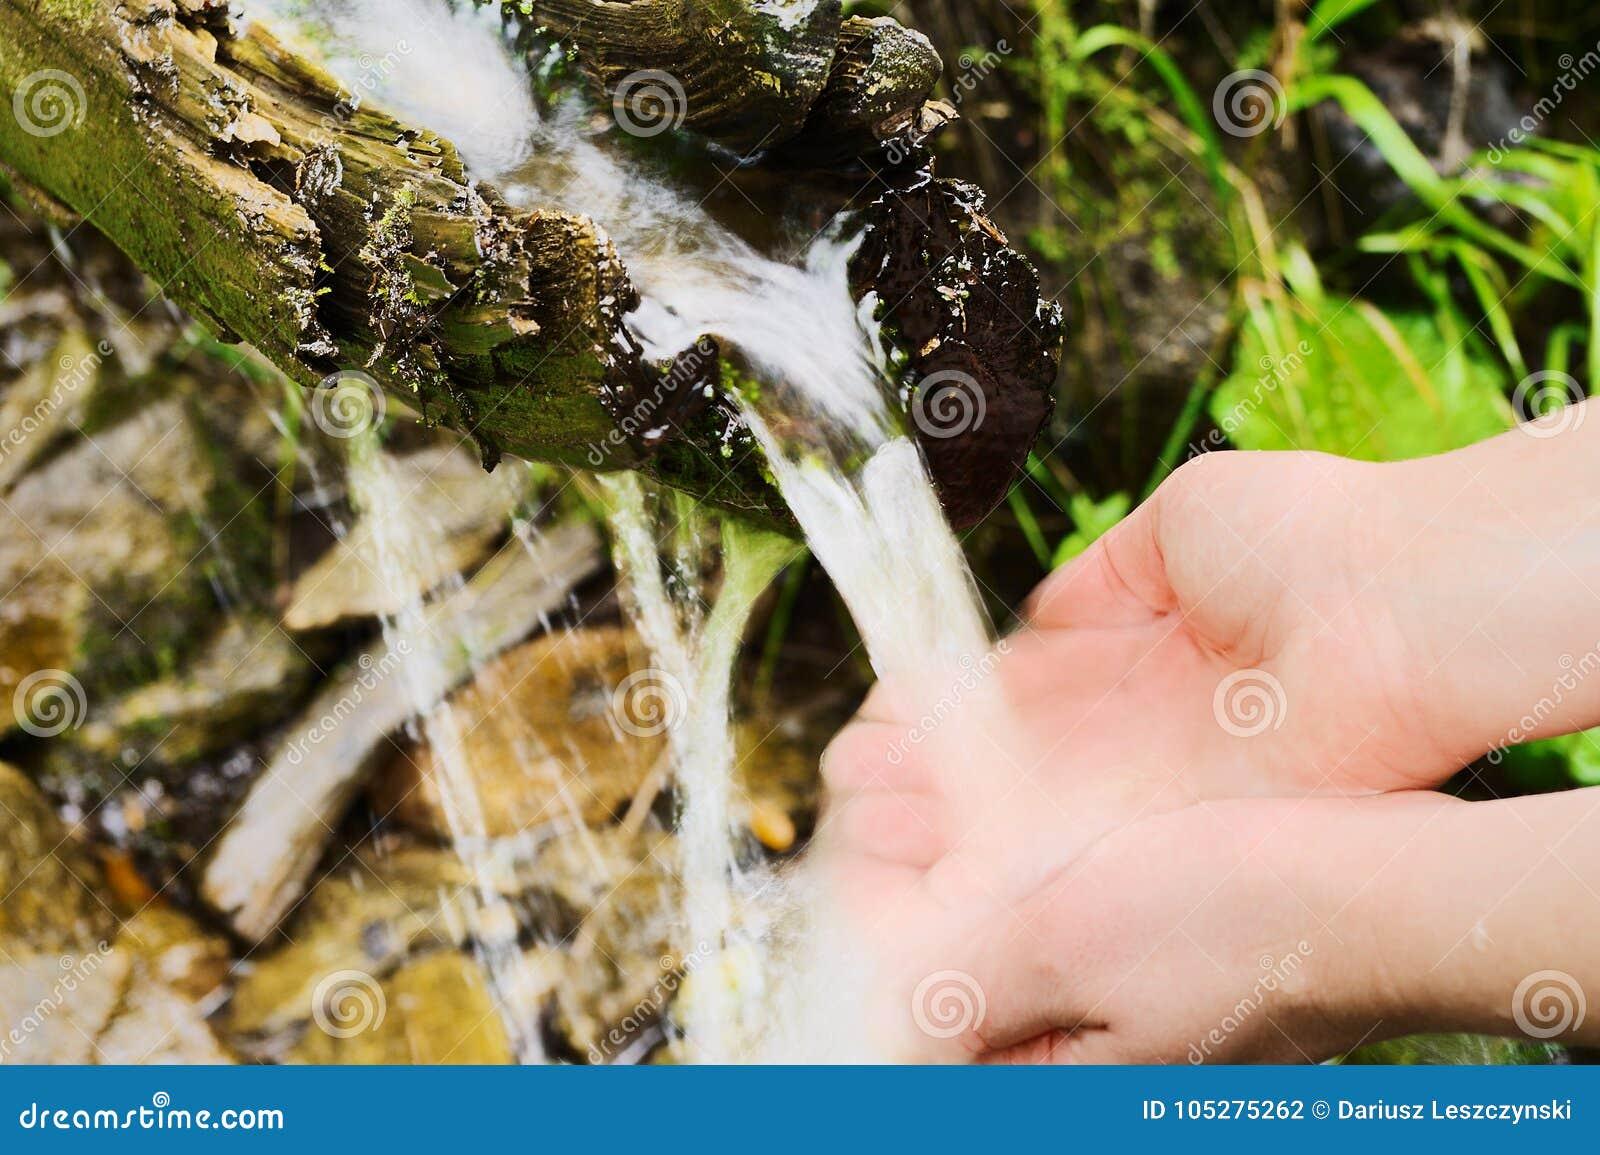 Menschliches Handnehmen rein, frisches, Trinkwasser von der natürlichen Quelle